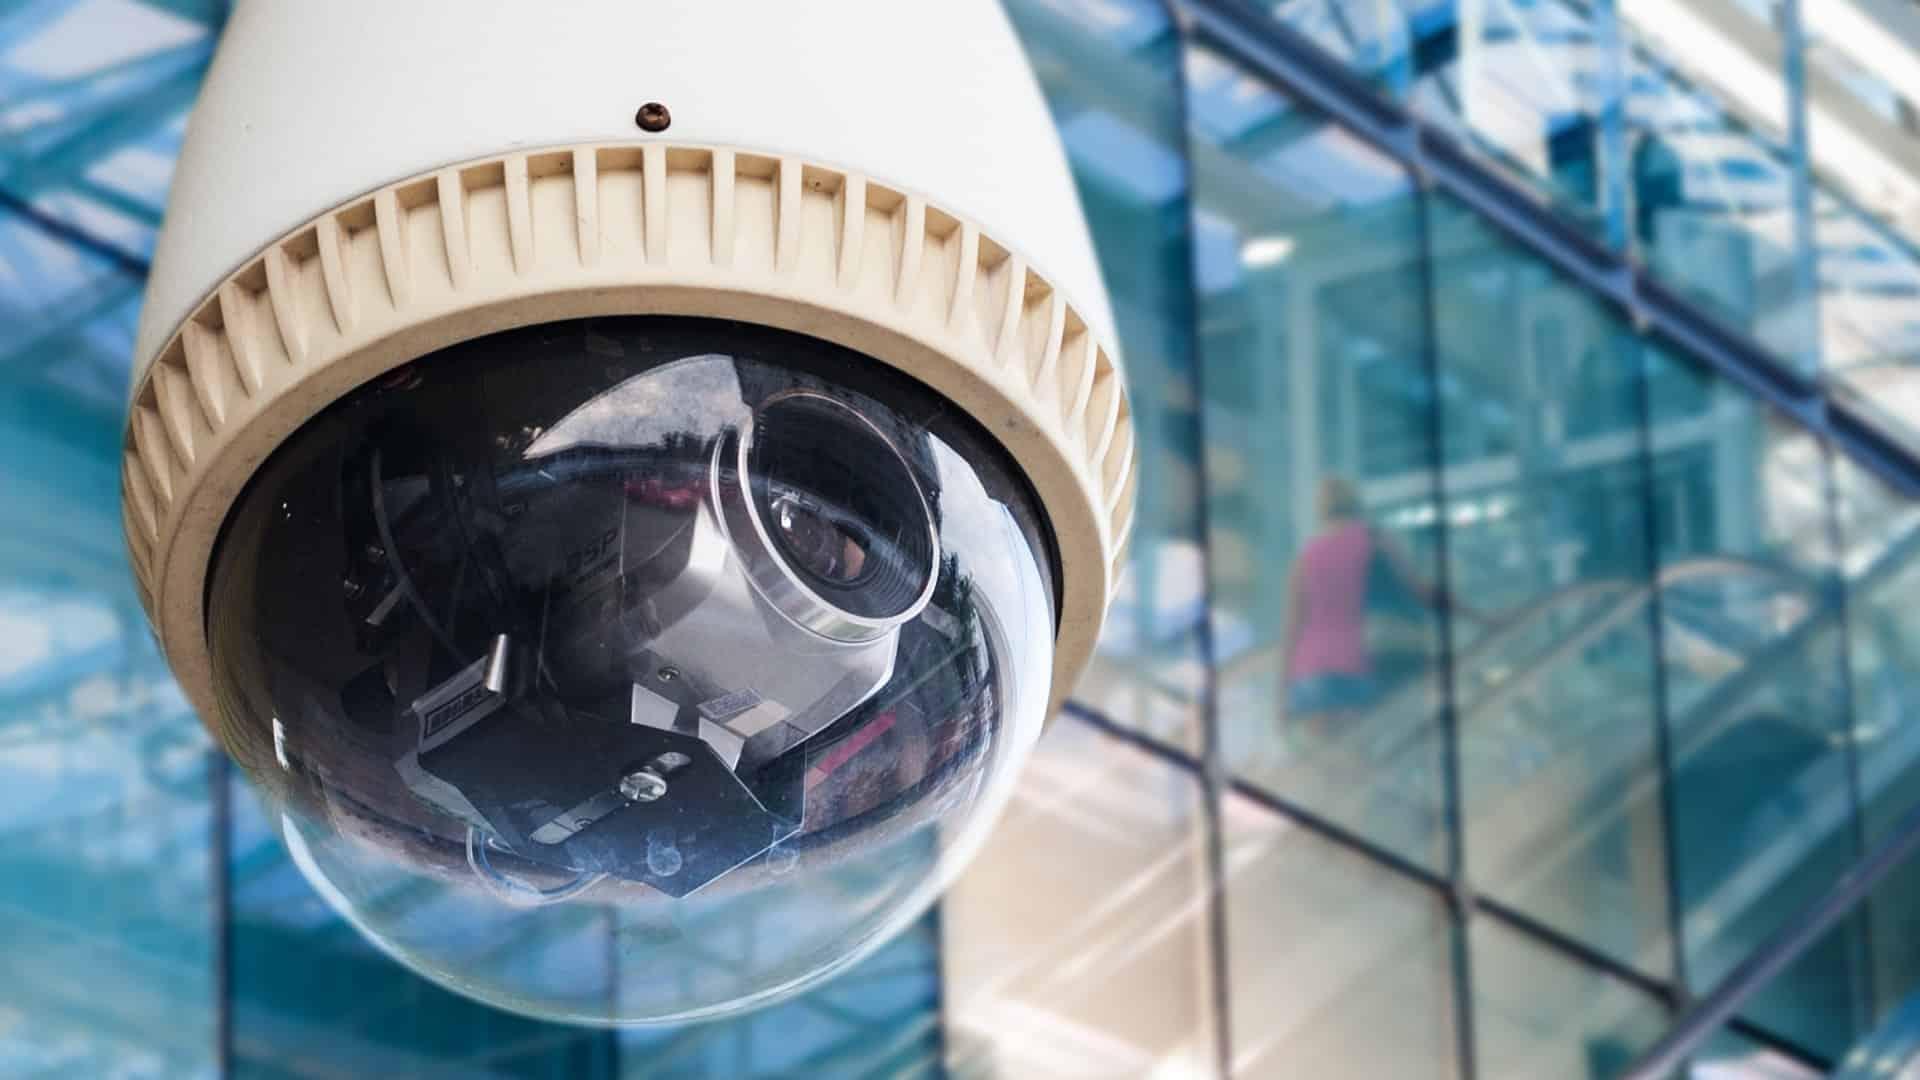 Câmera de segurança: Qual é a melhor de 2020?